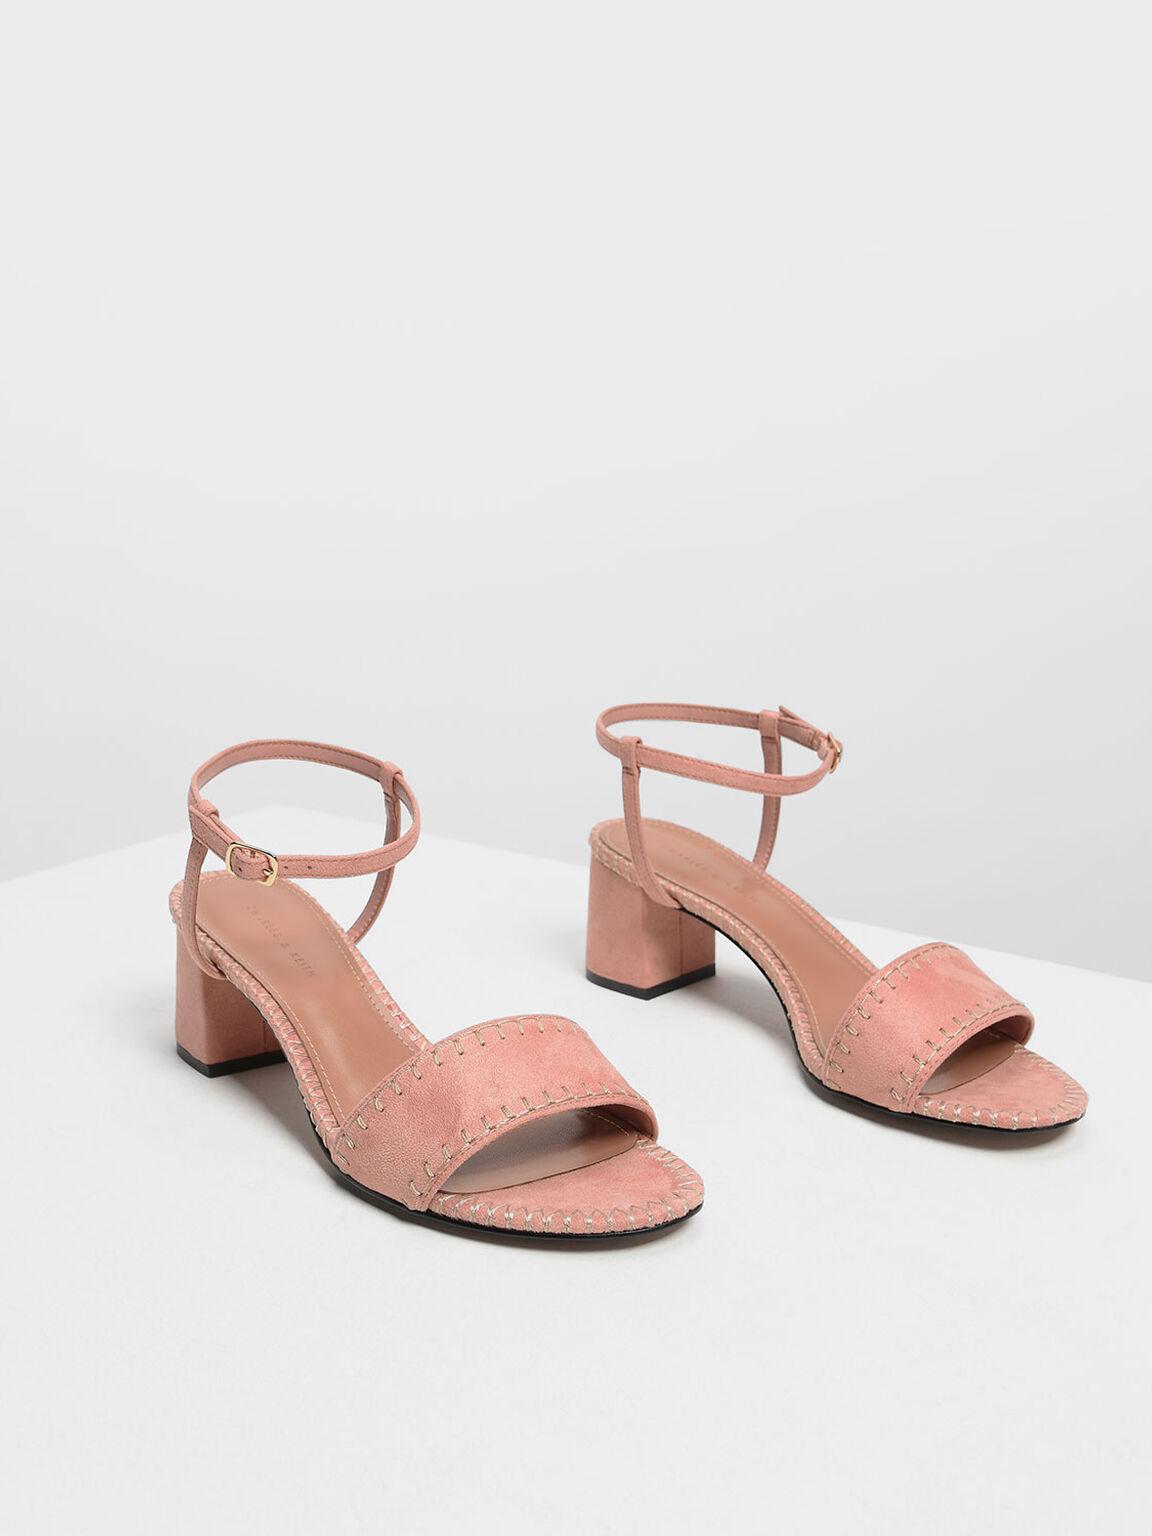 Whipstitch Suede Sandals, Blush, hi-res